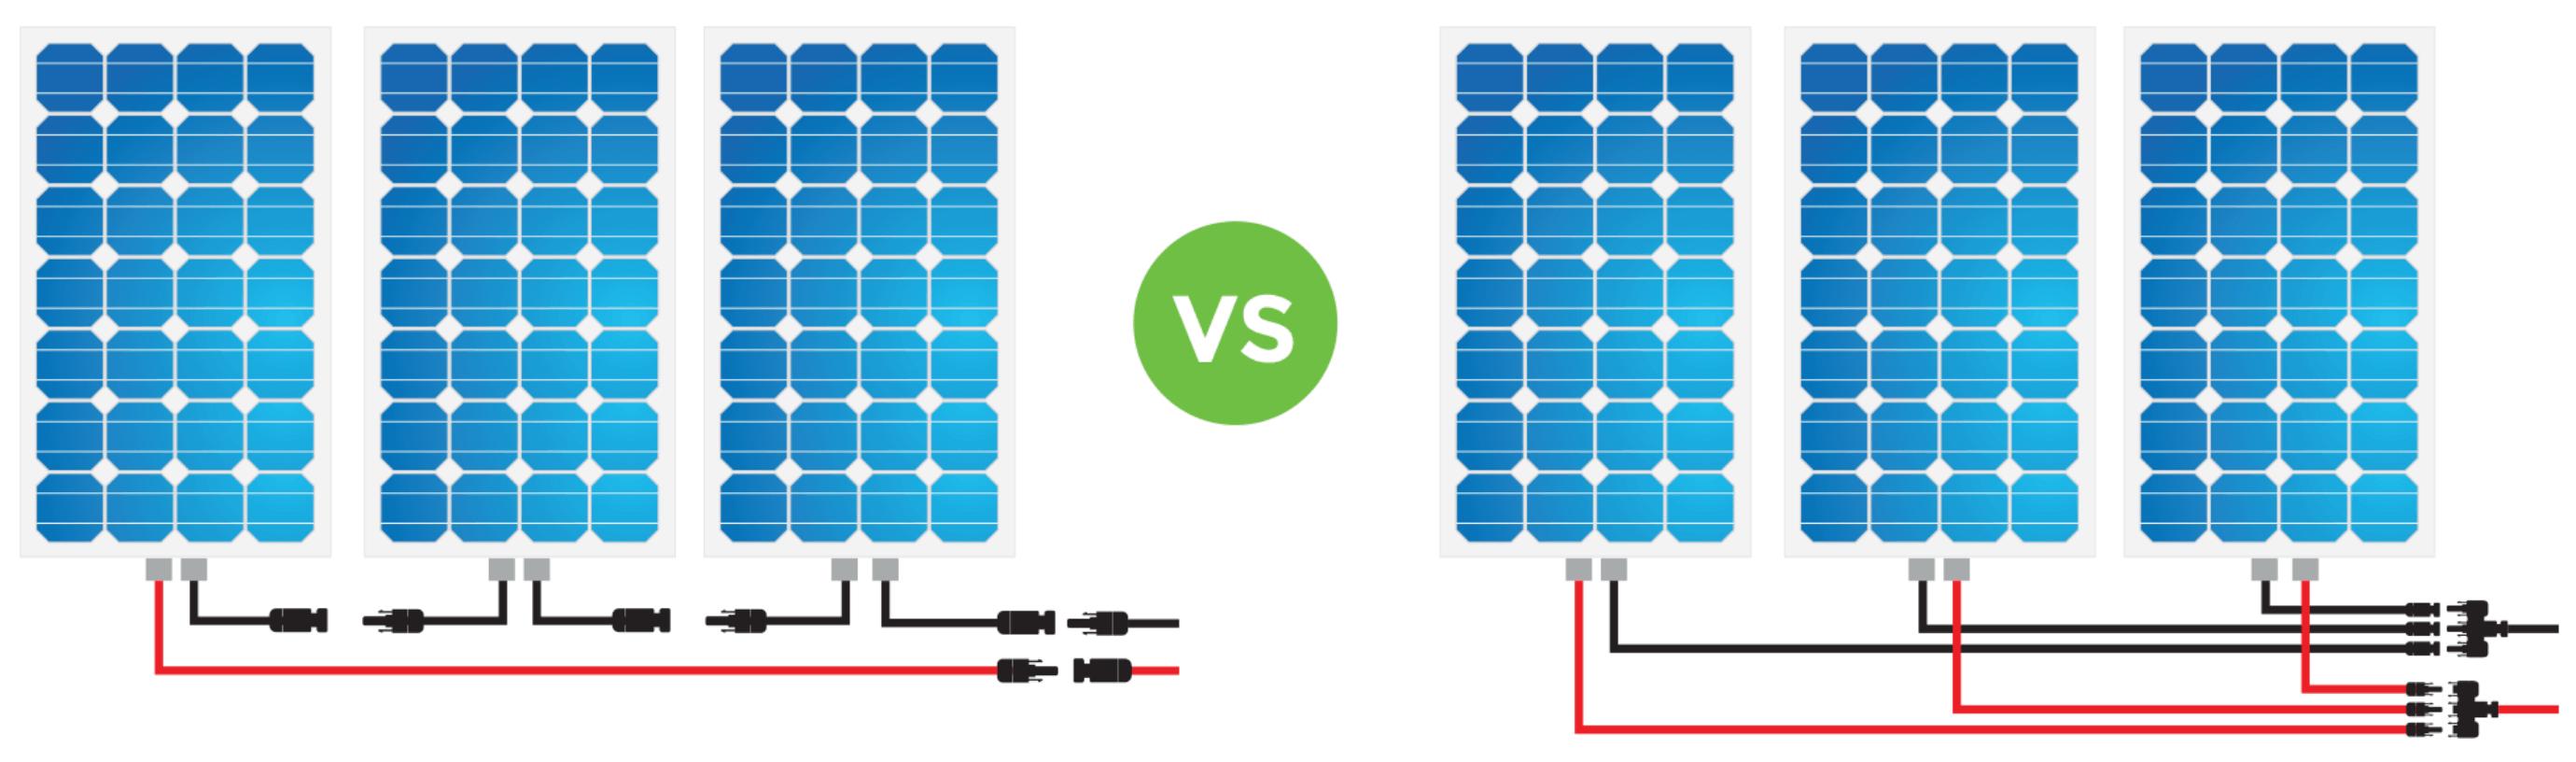 Połączenie paneli szeregowe i równoległe